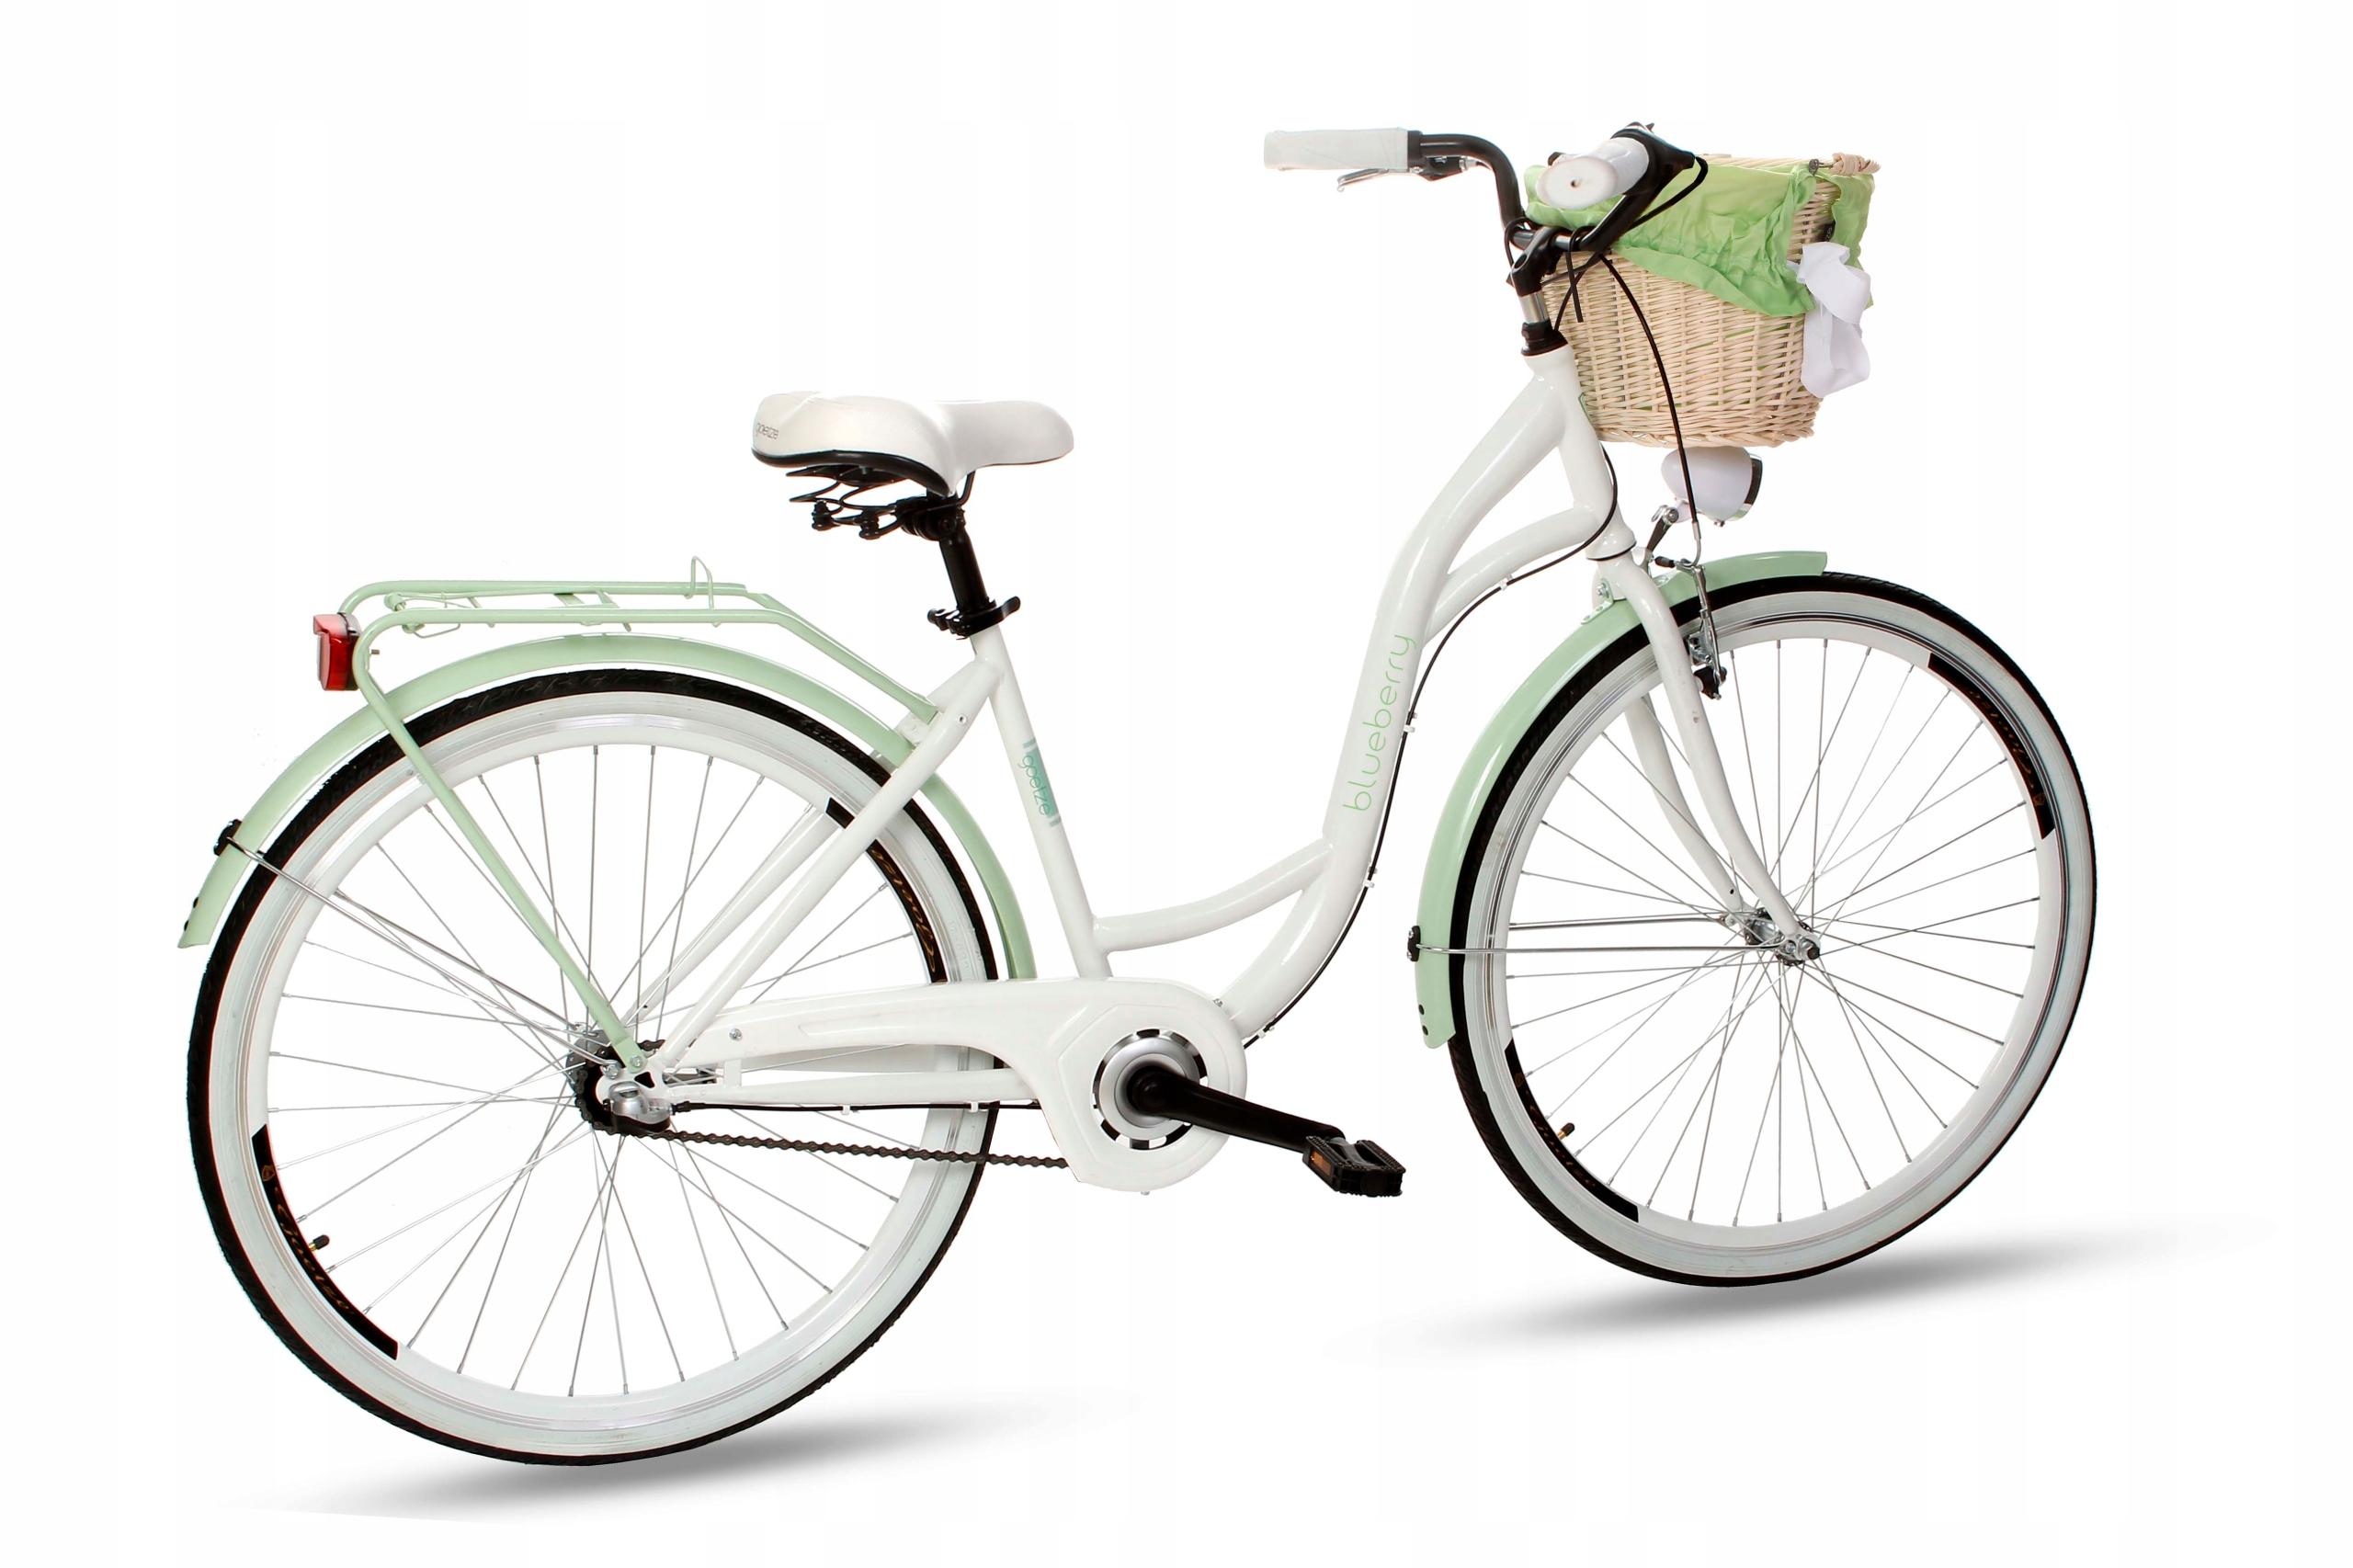 Dámsky mestský bicykel Goetze BLUEBERRY 28 3b košík!  Farba iná